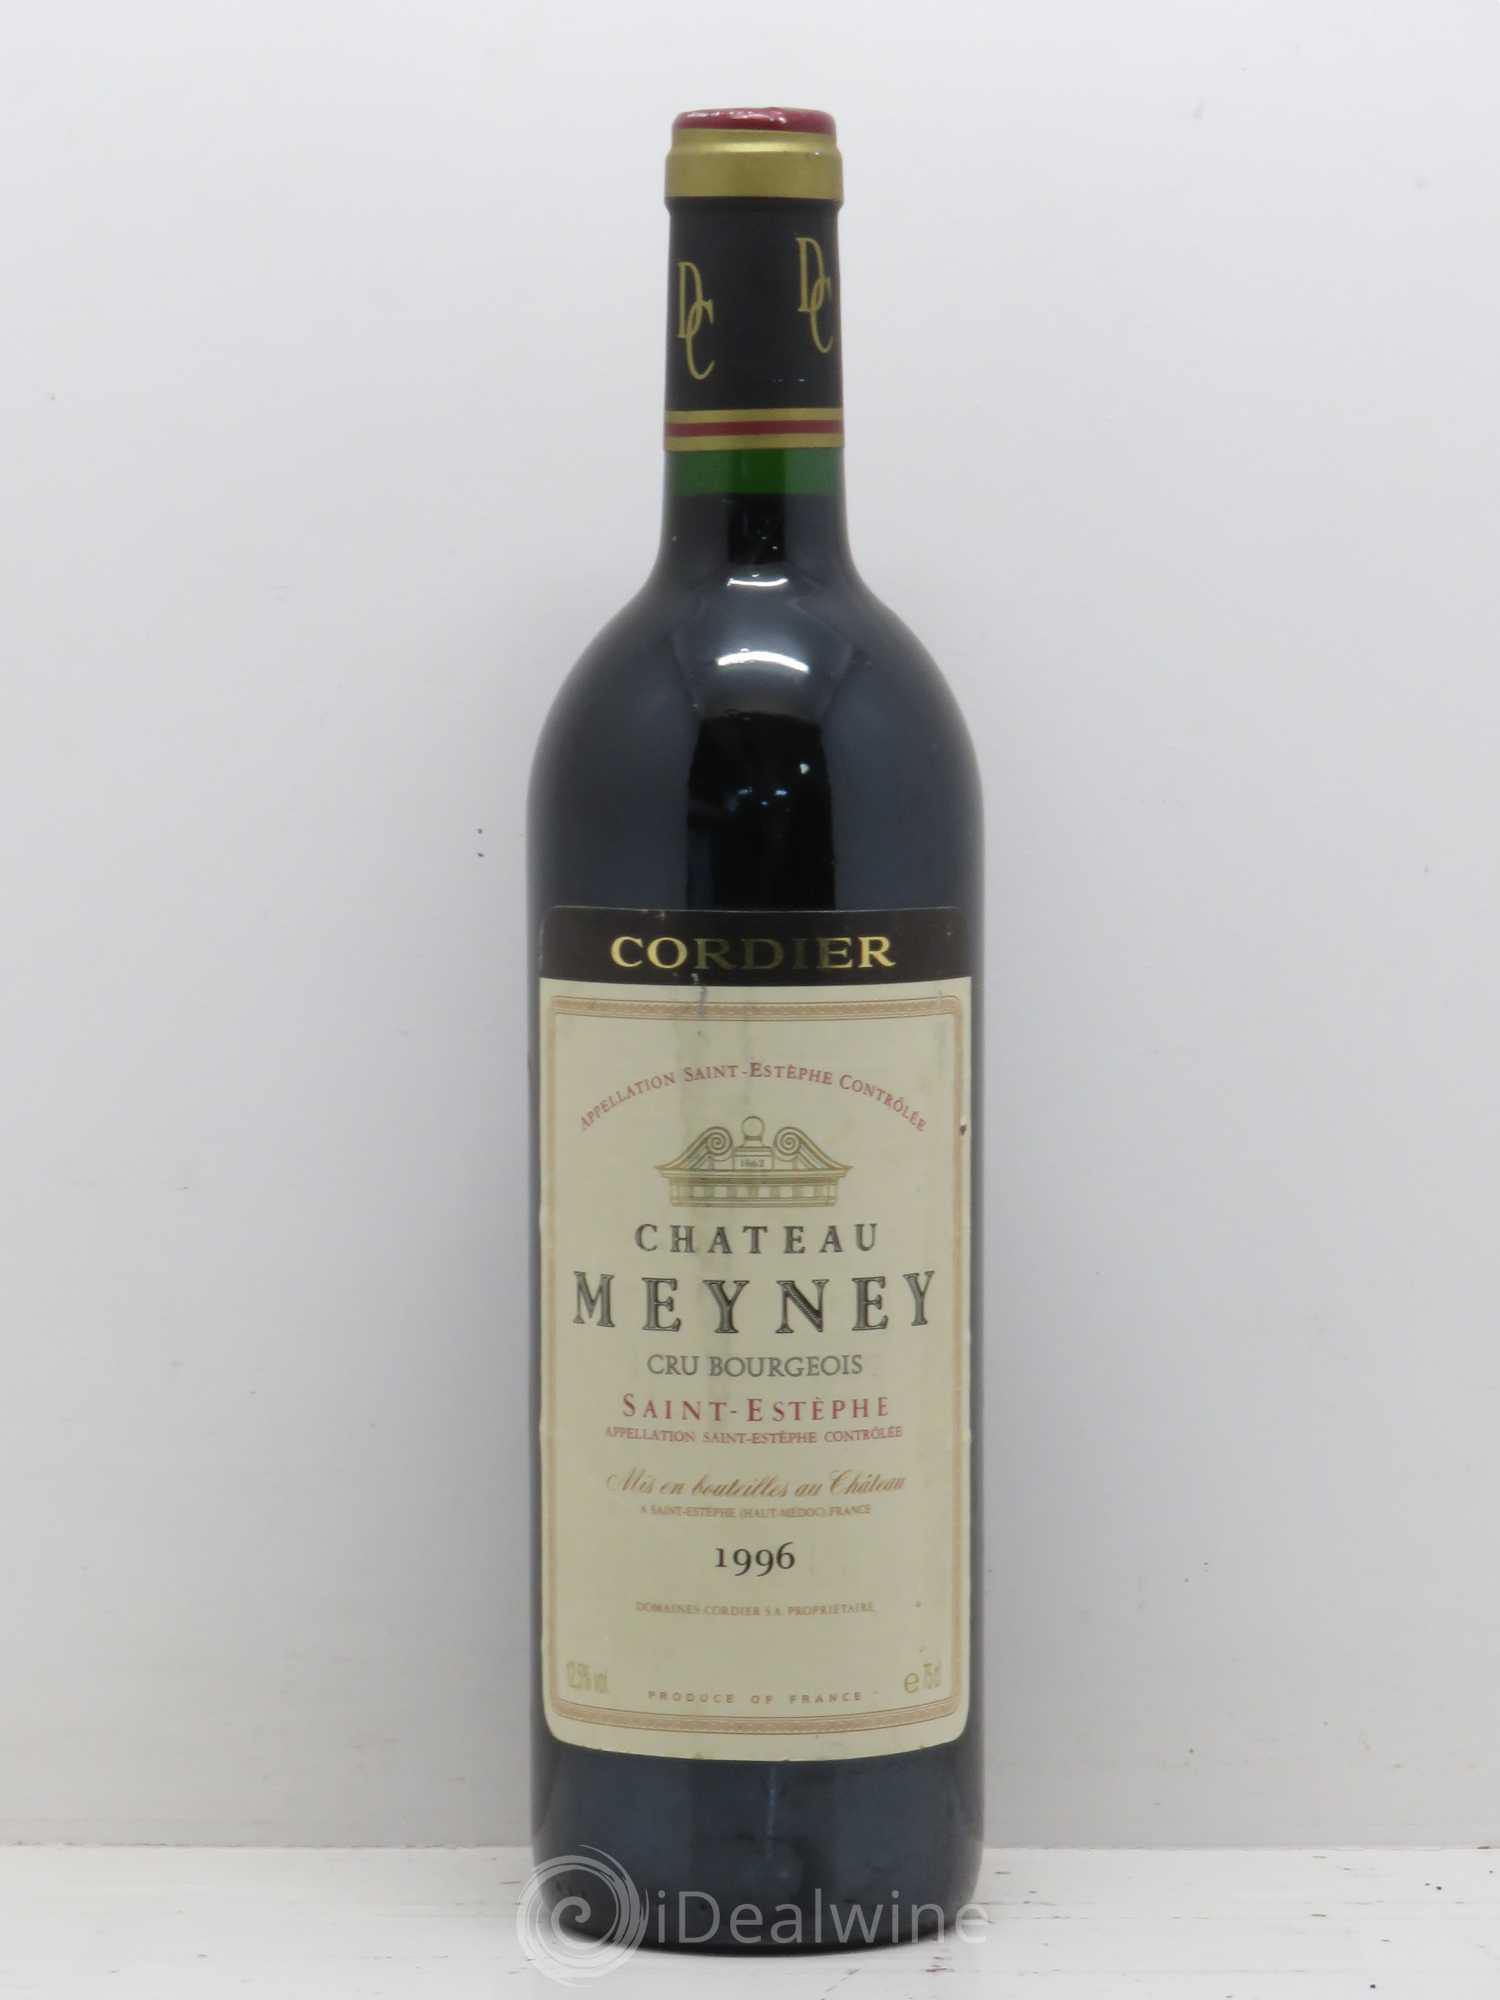 Buy ch teau meyney cru bourgeois 1996 lot 11580 for Chateau meyney